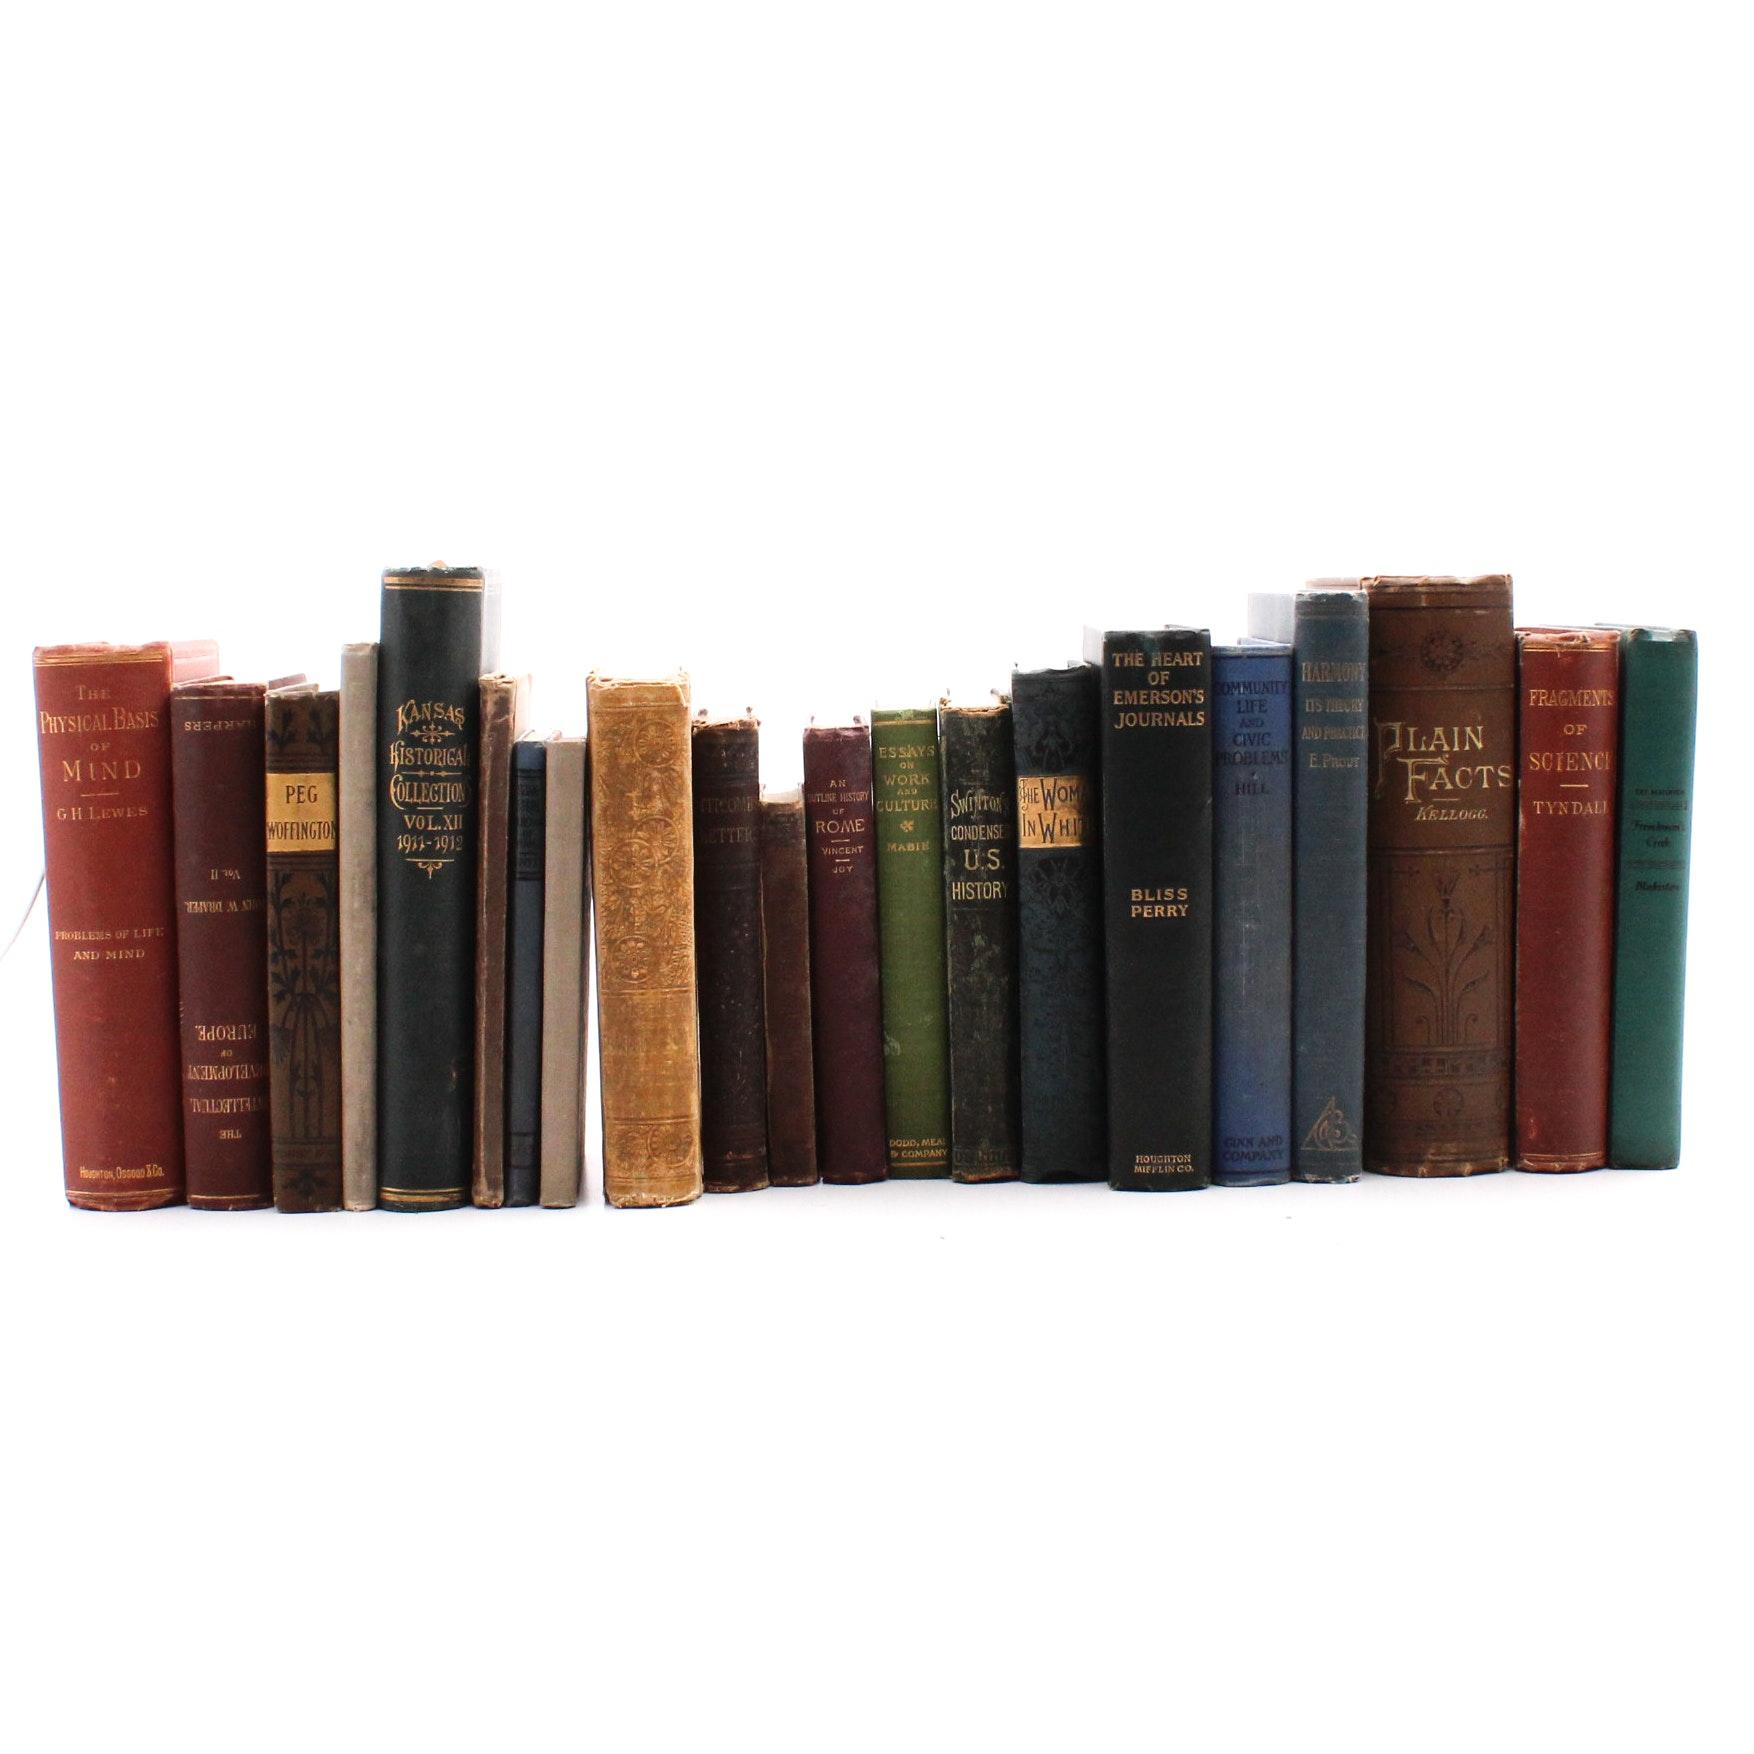 Vintage Non-Fiction Historical Books